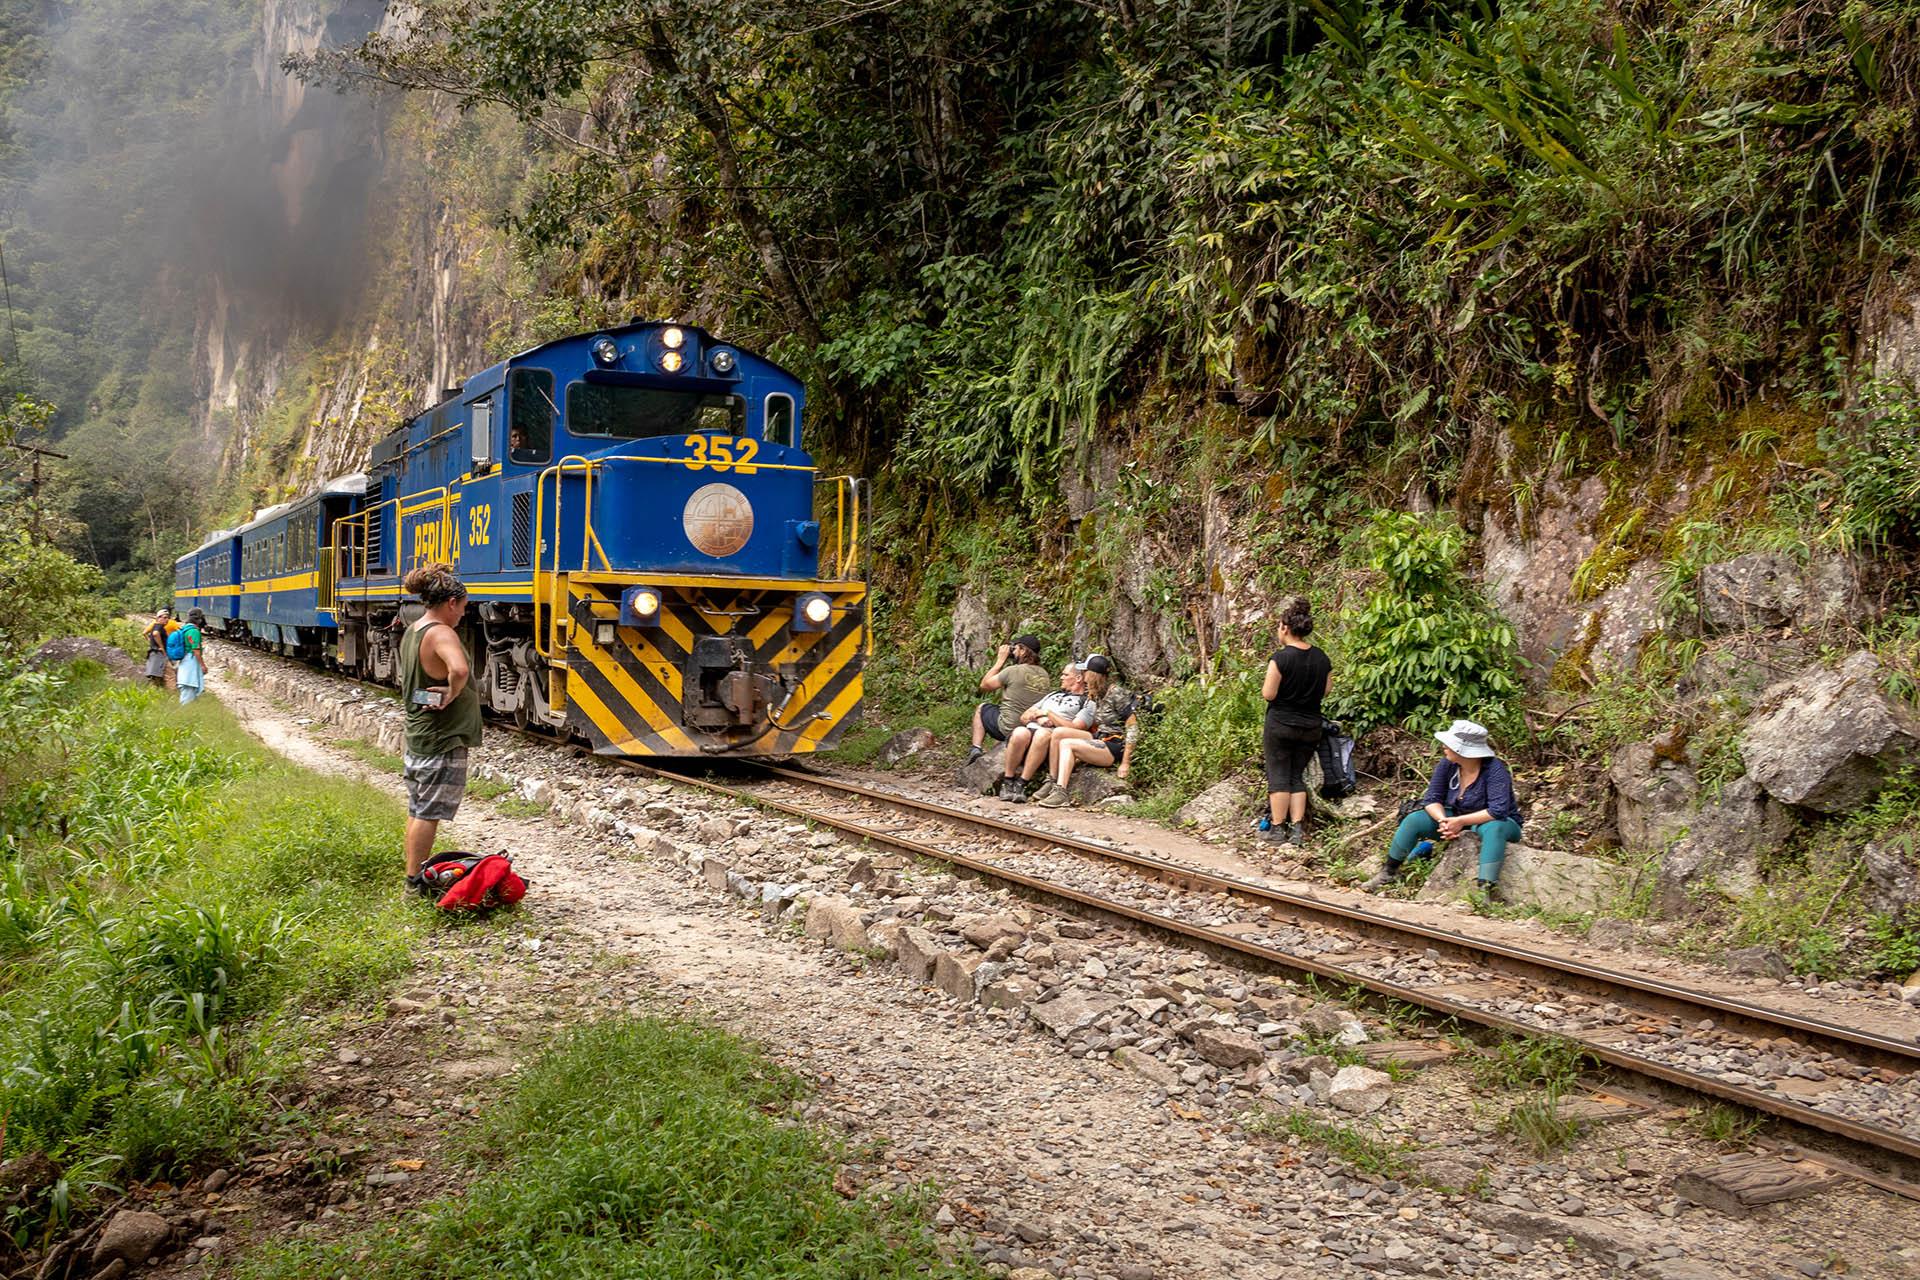 Trein van PeruRail rijdt over het treinspoor naar Aguas Calientes en mensen lopen langs het spoor.